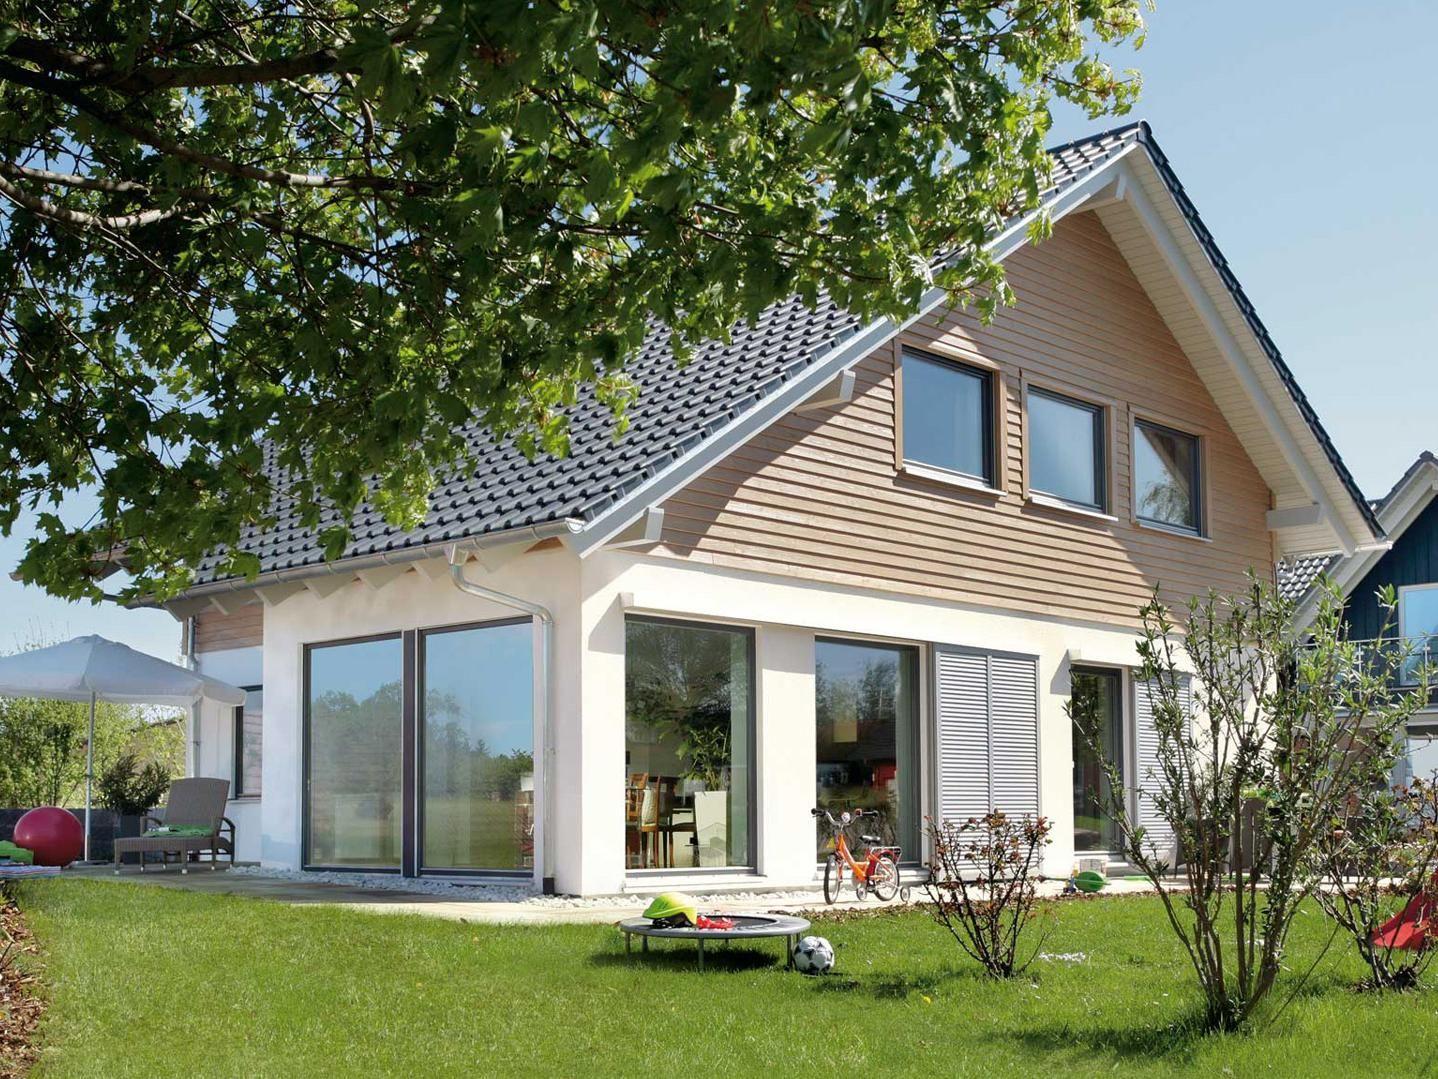 Hausfassade gestalten Putz, Holz, Stein? in 2020